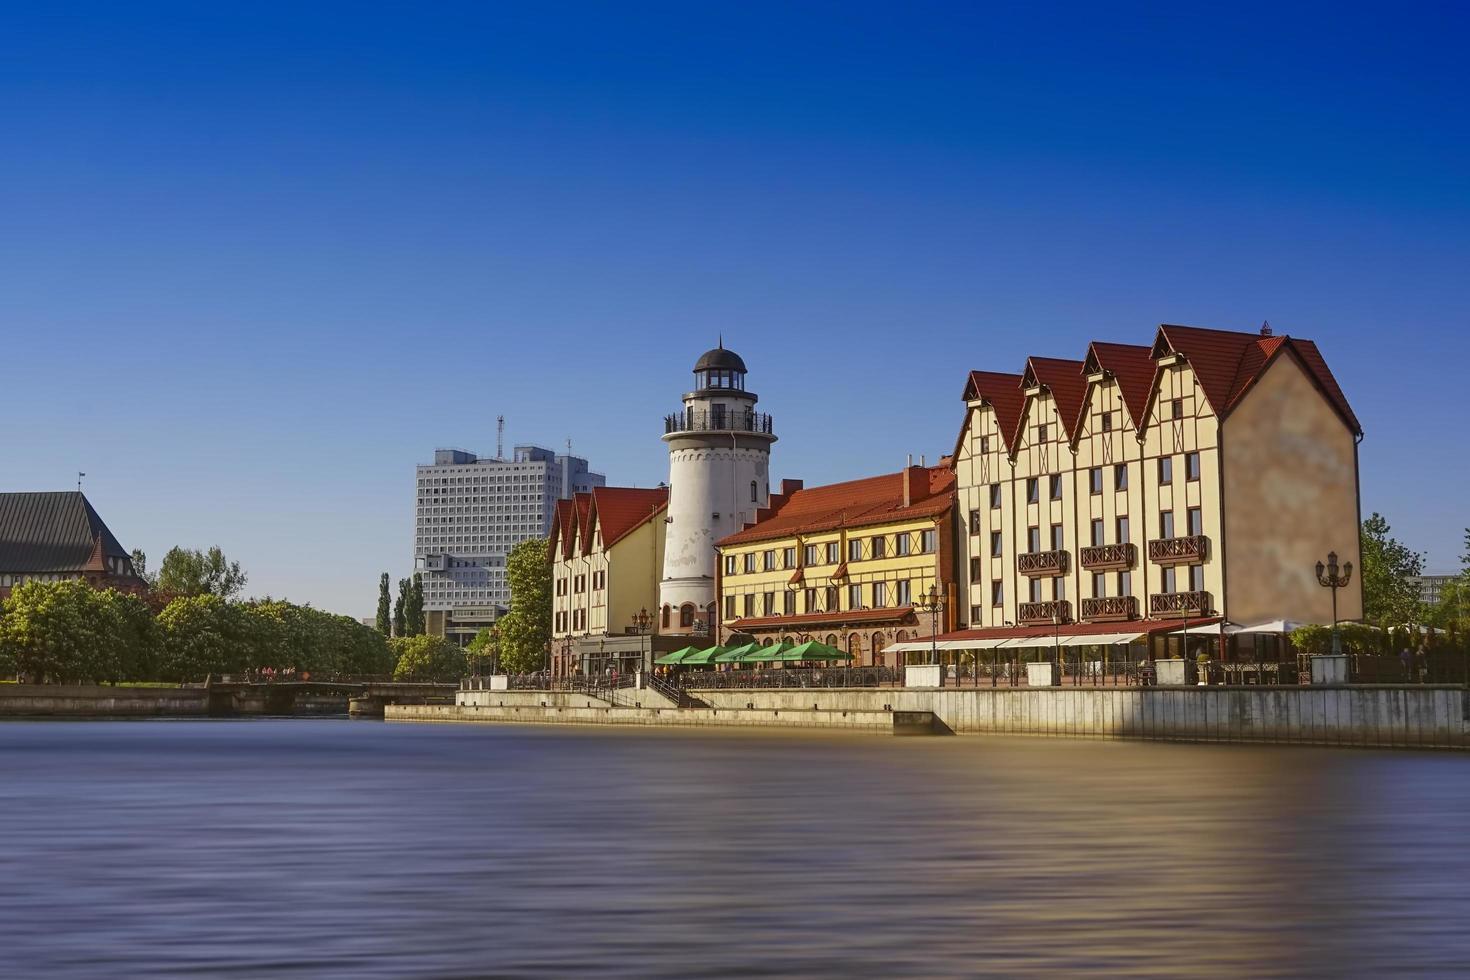 stadslandskap med arkitektur och attraktioner. foto